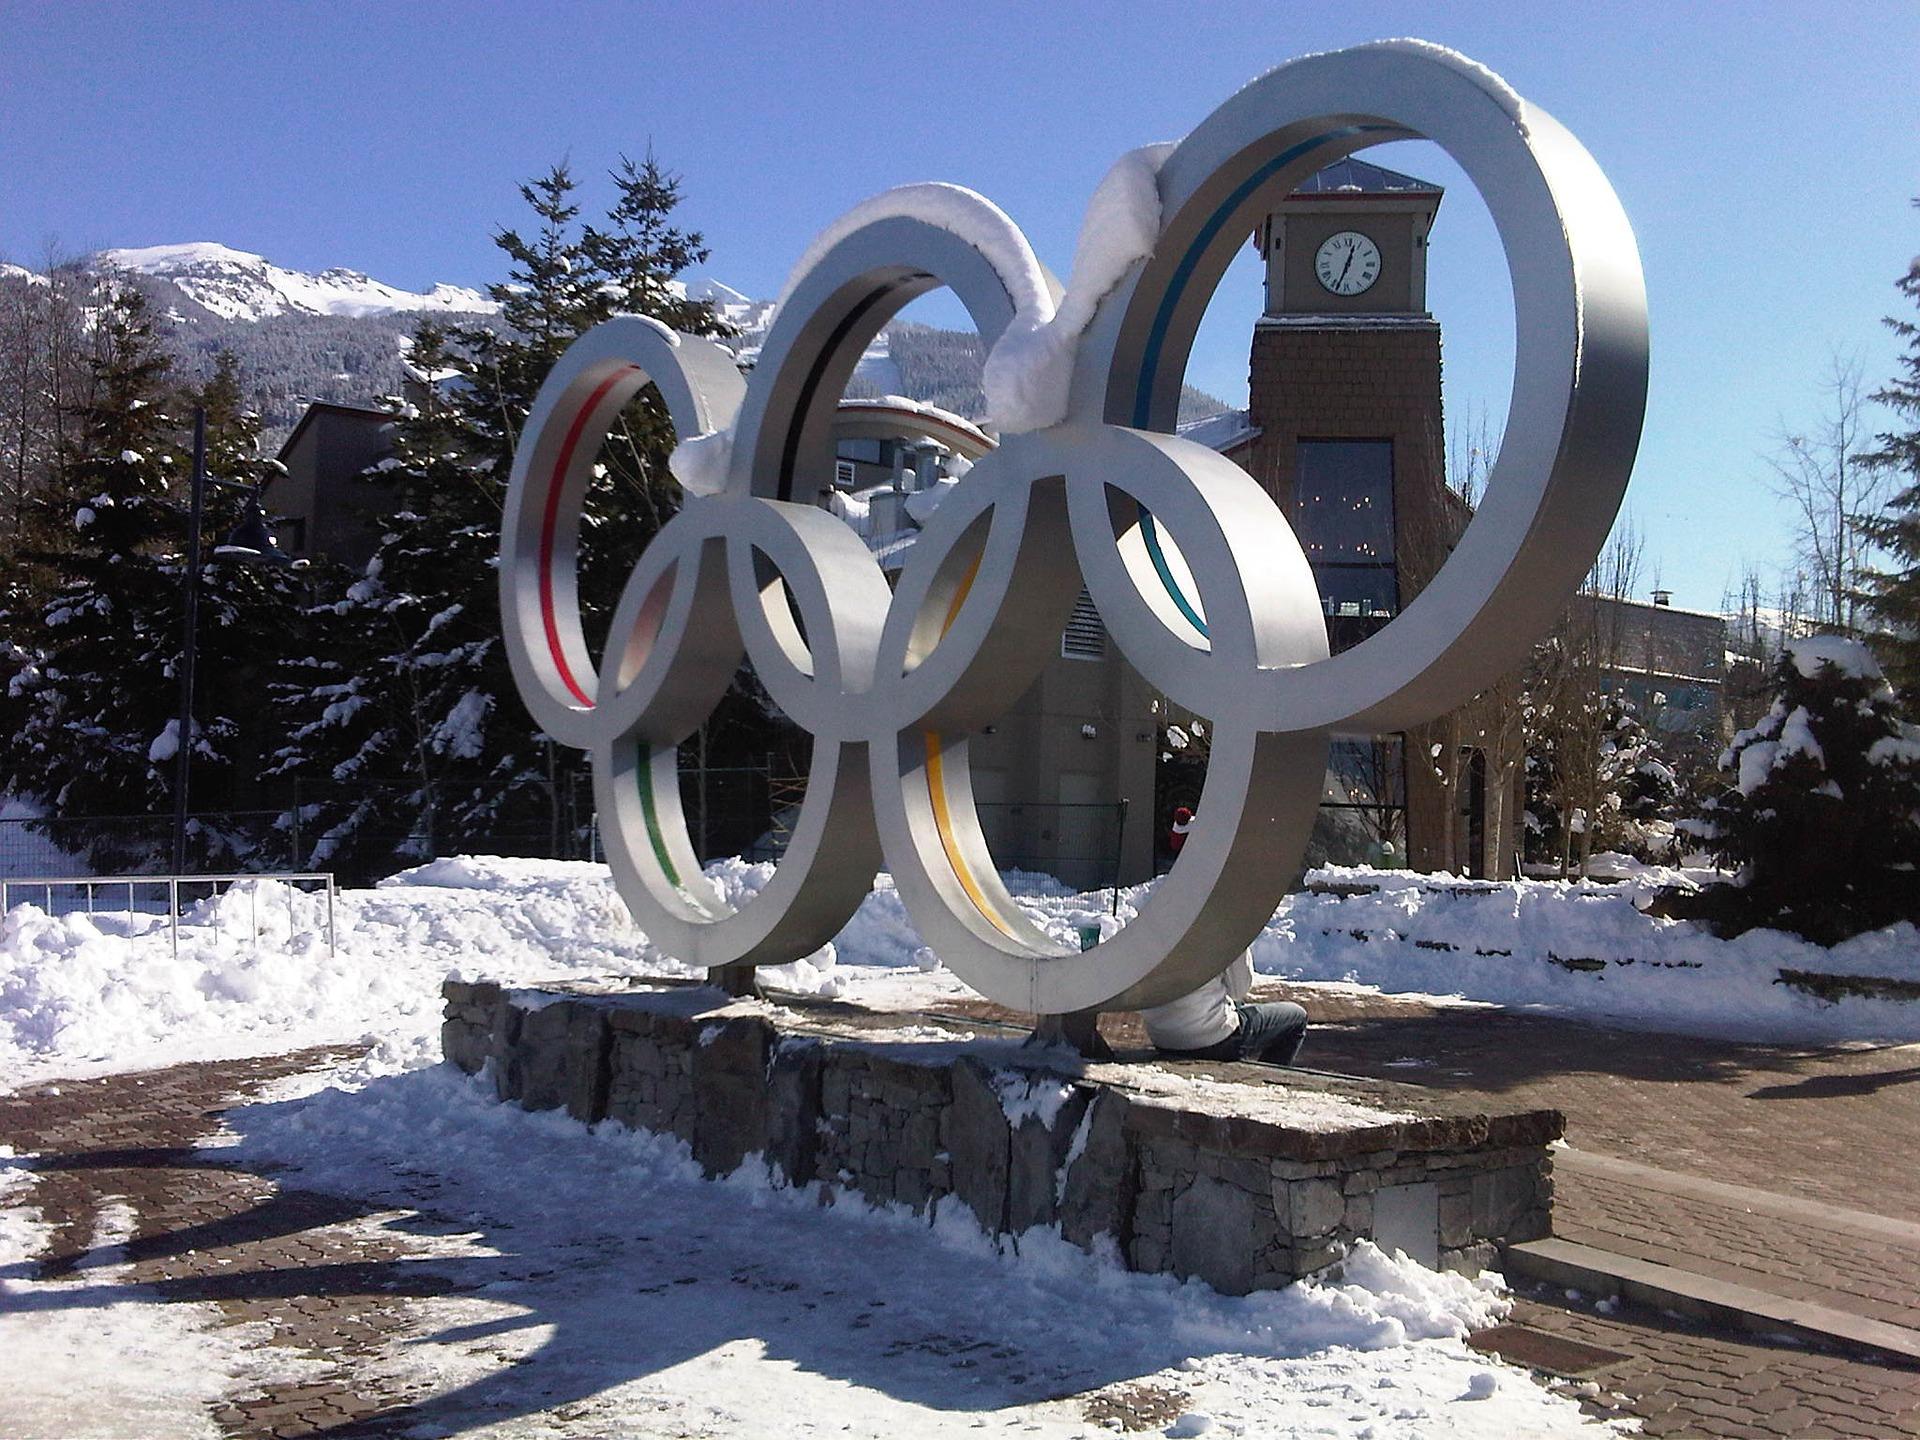 Olimpiadi 2026 Milano-Cortina: i luoghi che ospiteranno eventi e gare